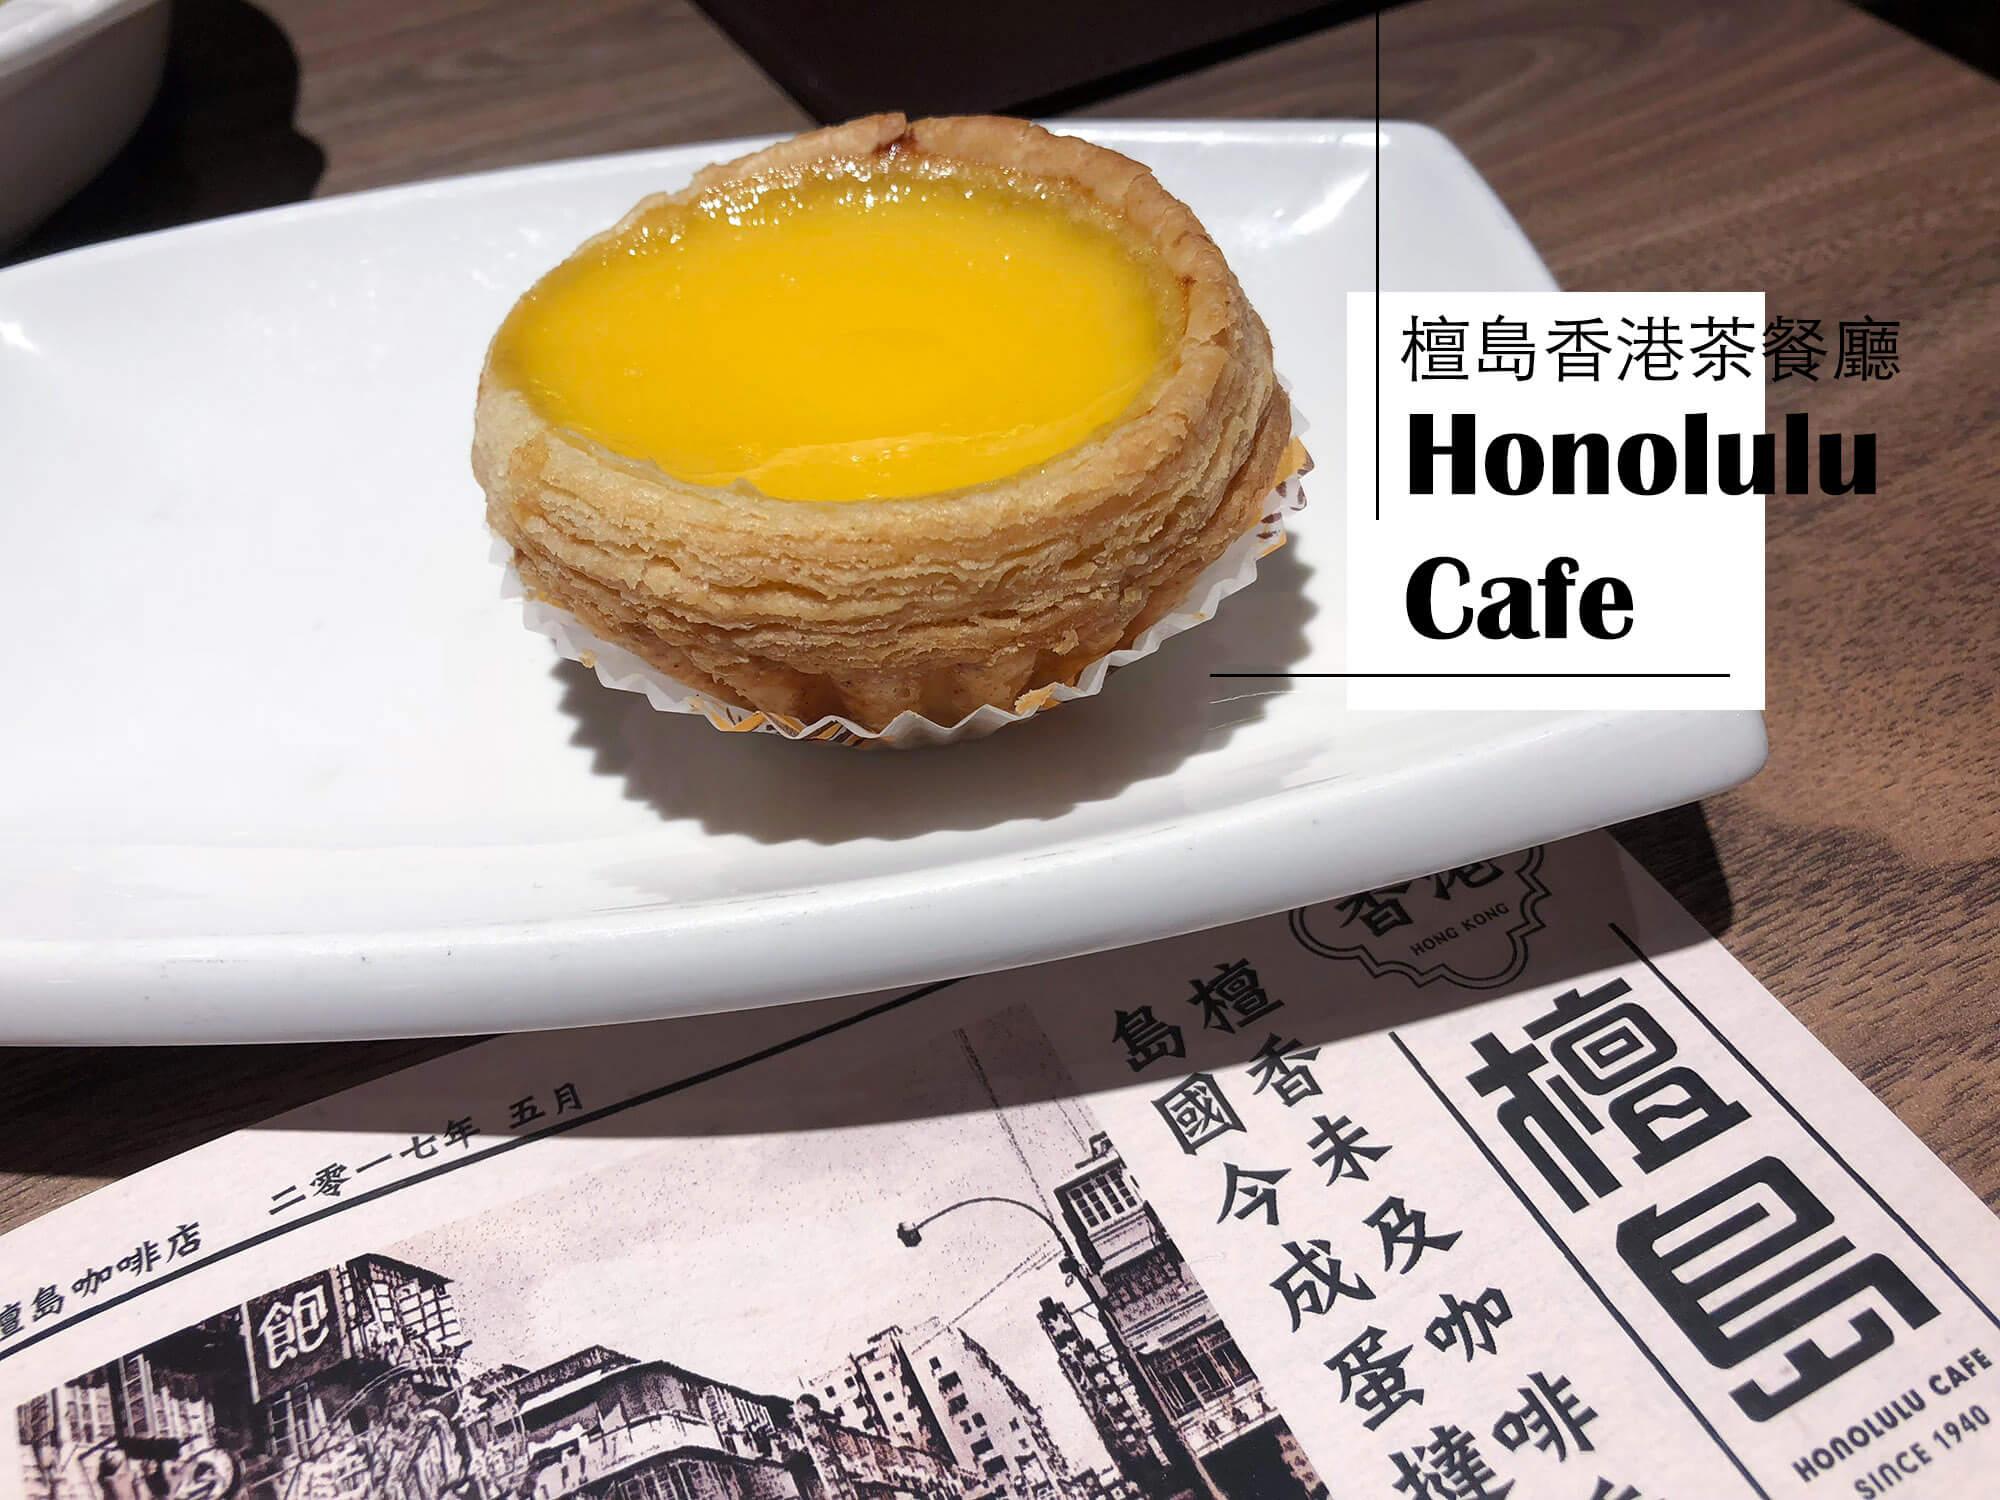 檀島香港茶餐廳|公仔撈麵&粉腸超級推薦,蛋塔普通(內附菜單menu價格)